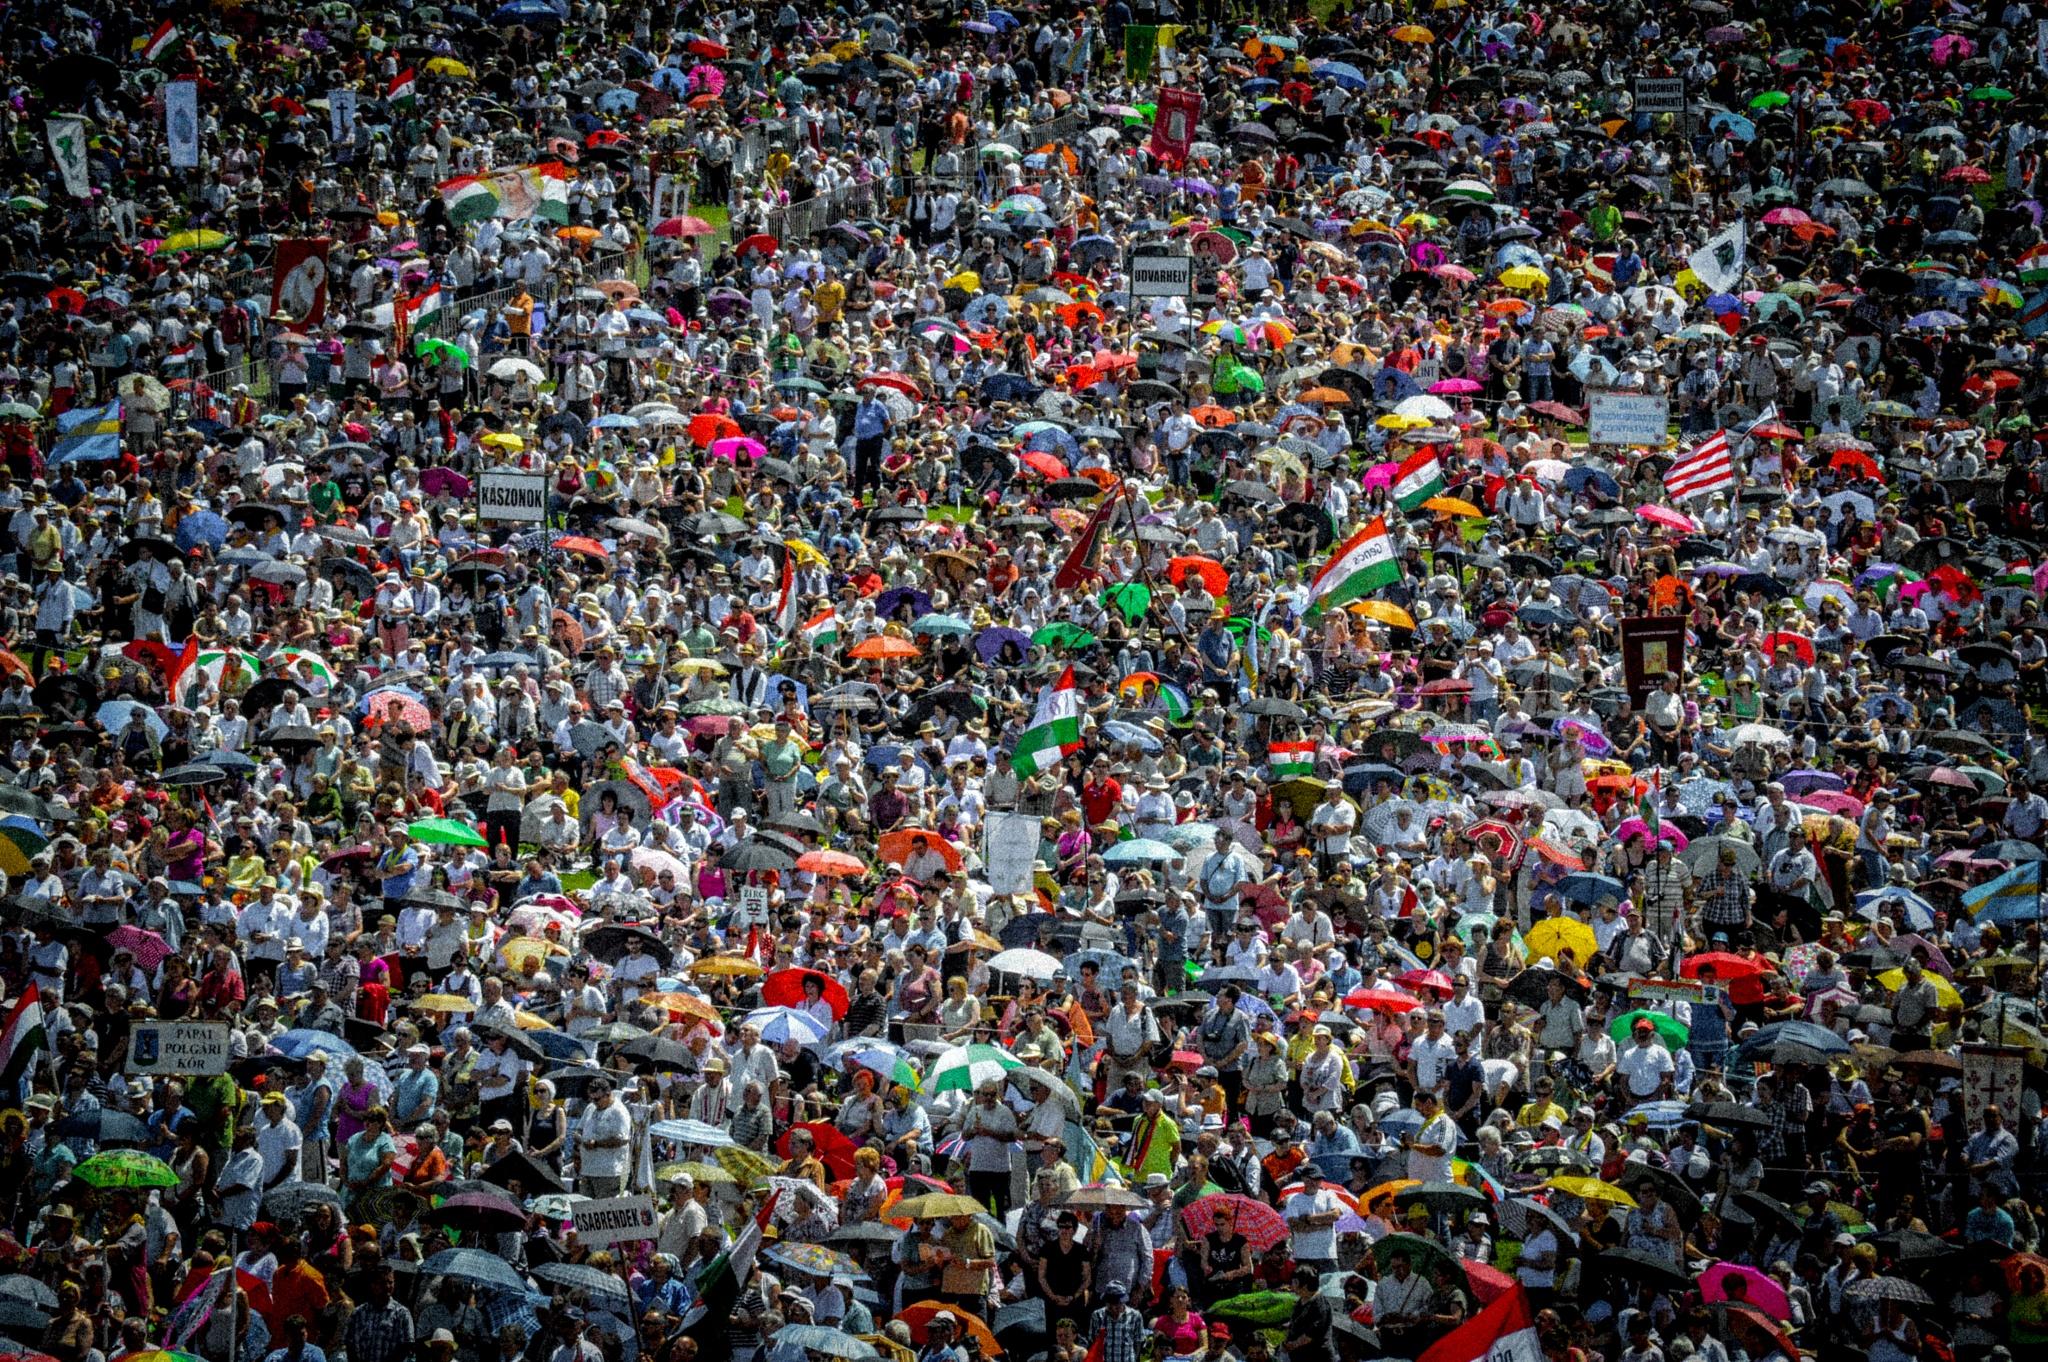 Crowd. by Kormi